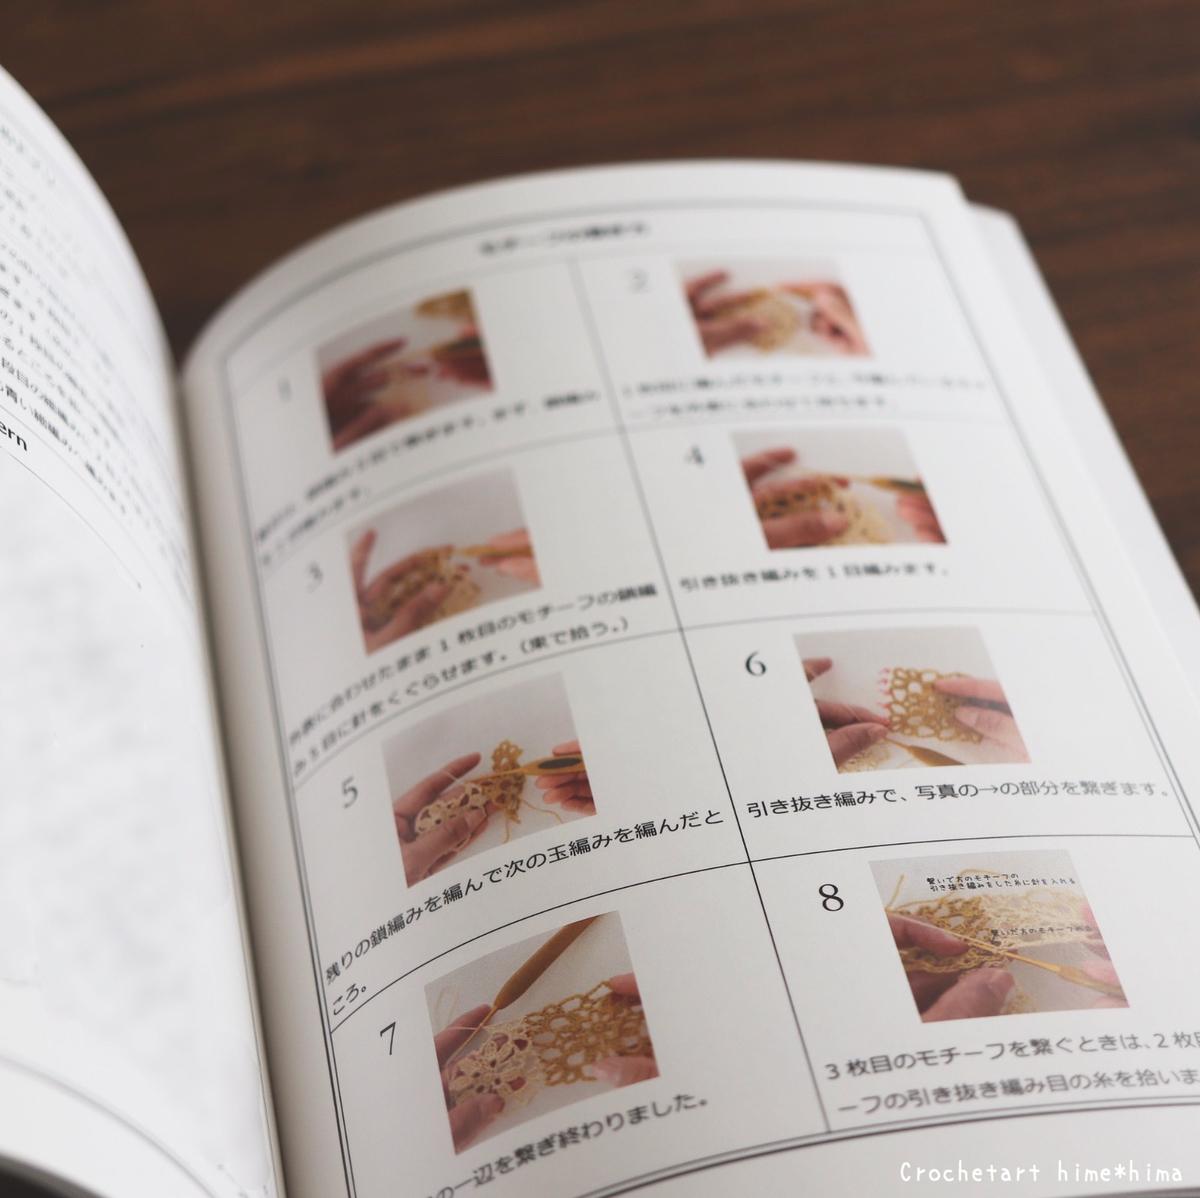 ドイリーパターン集モチーフ繋ぎの解説ページ